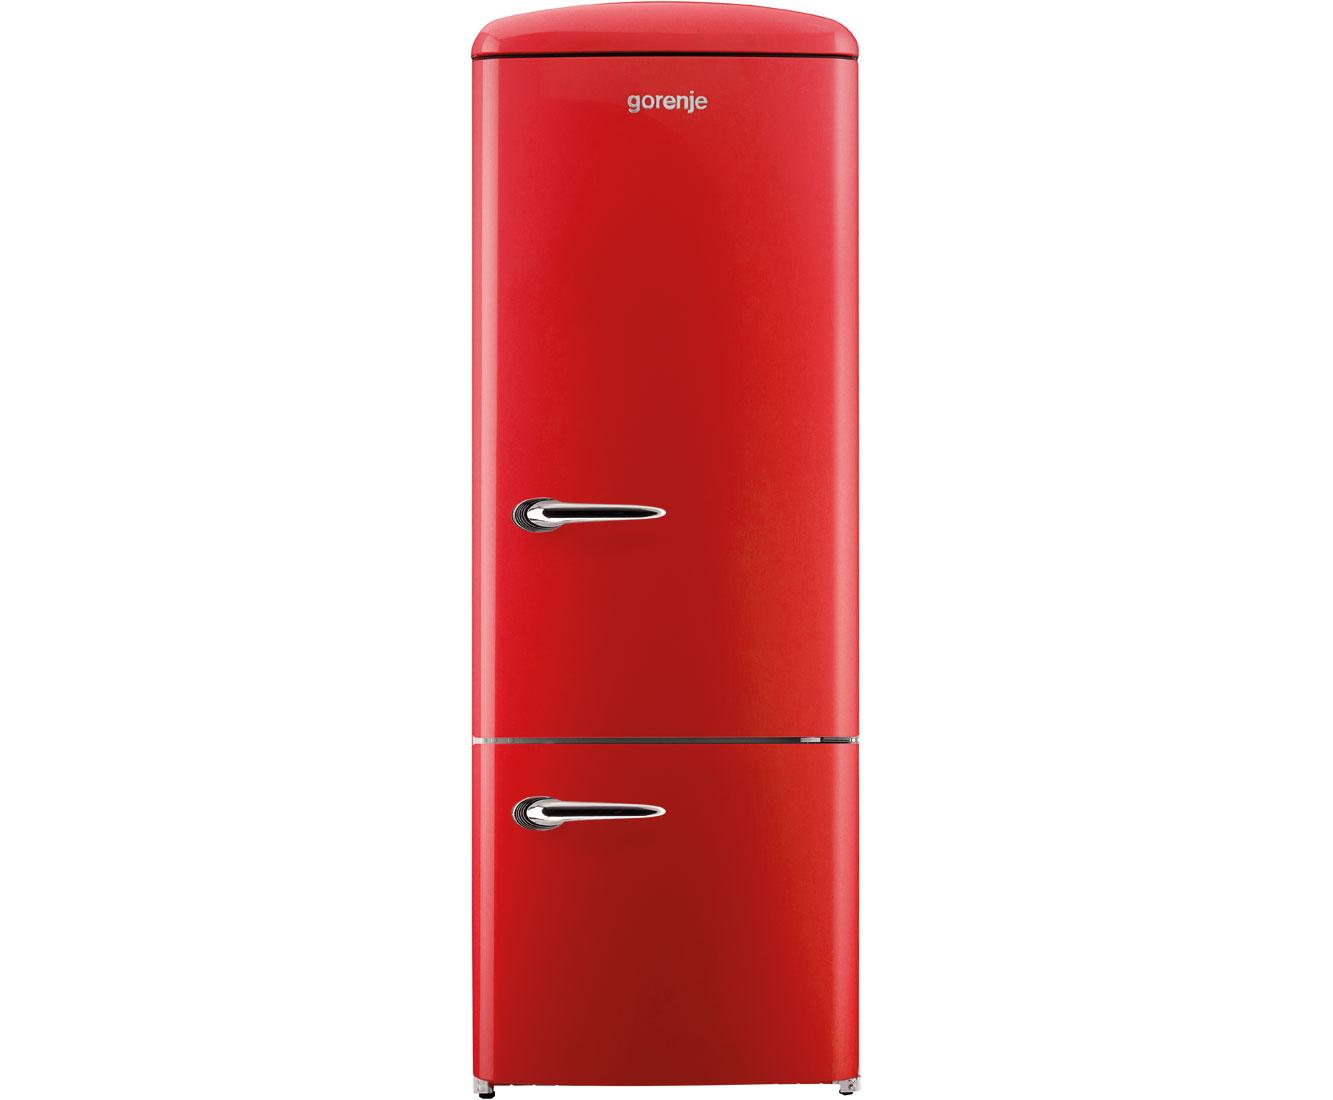 Gorenje Kühlschrank Groß : Gorenje kühlschrank gefrierkombination kühlschrank